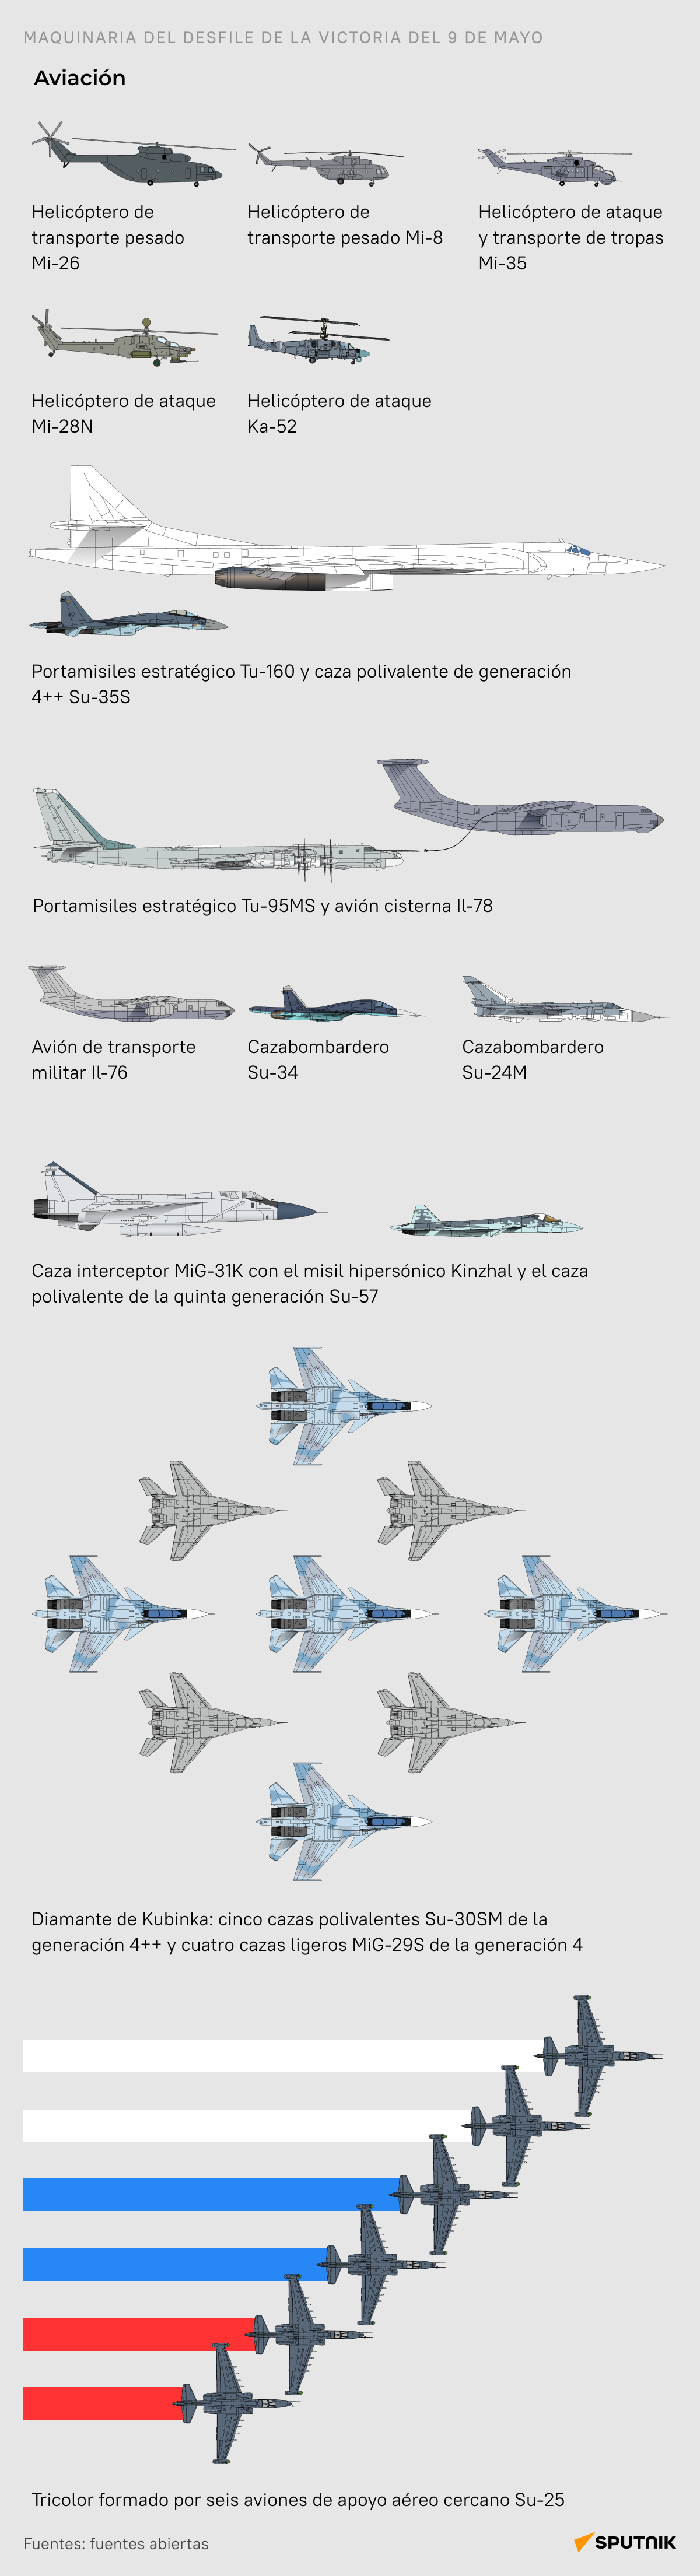 La parte aérea del desfile - Sputnik Mundo